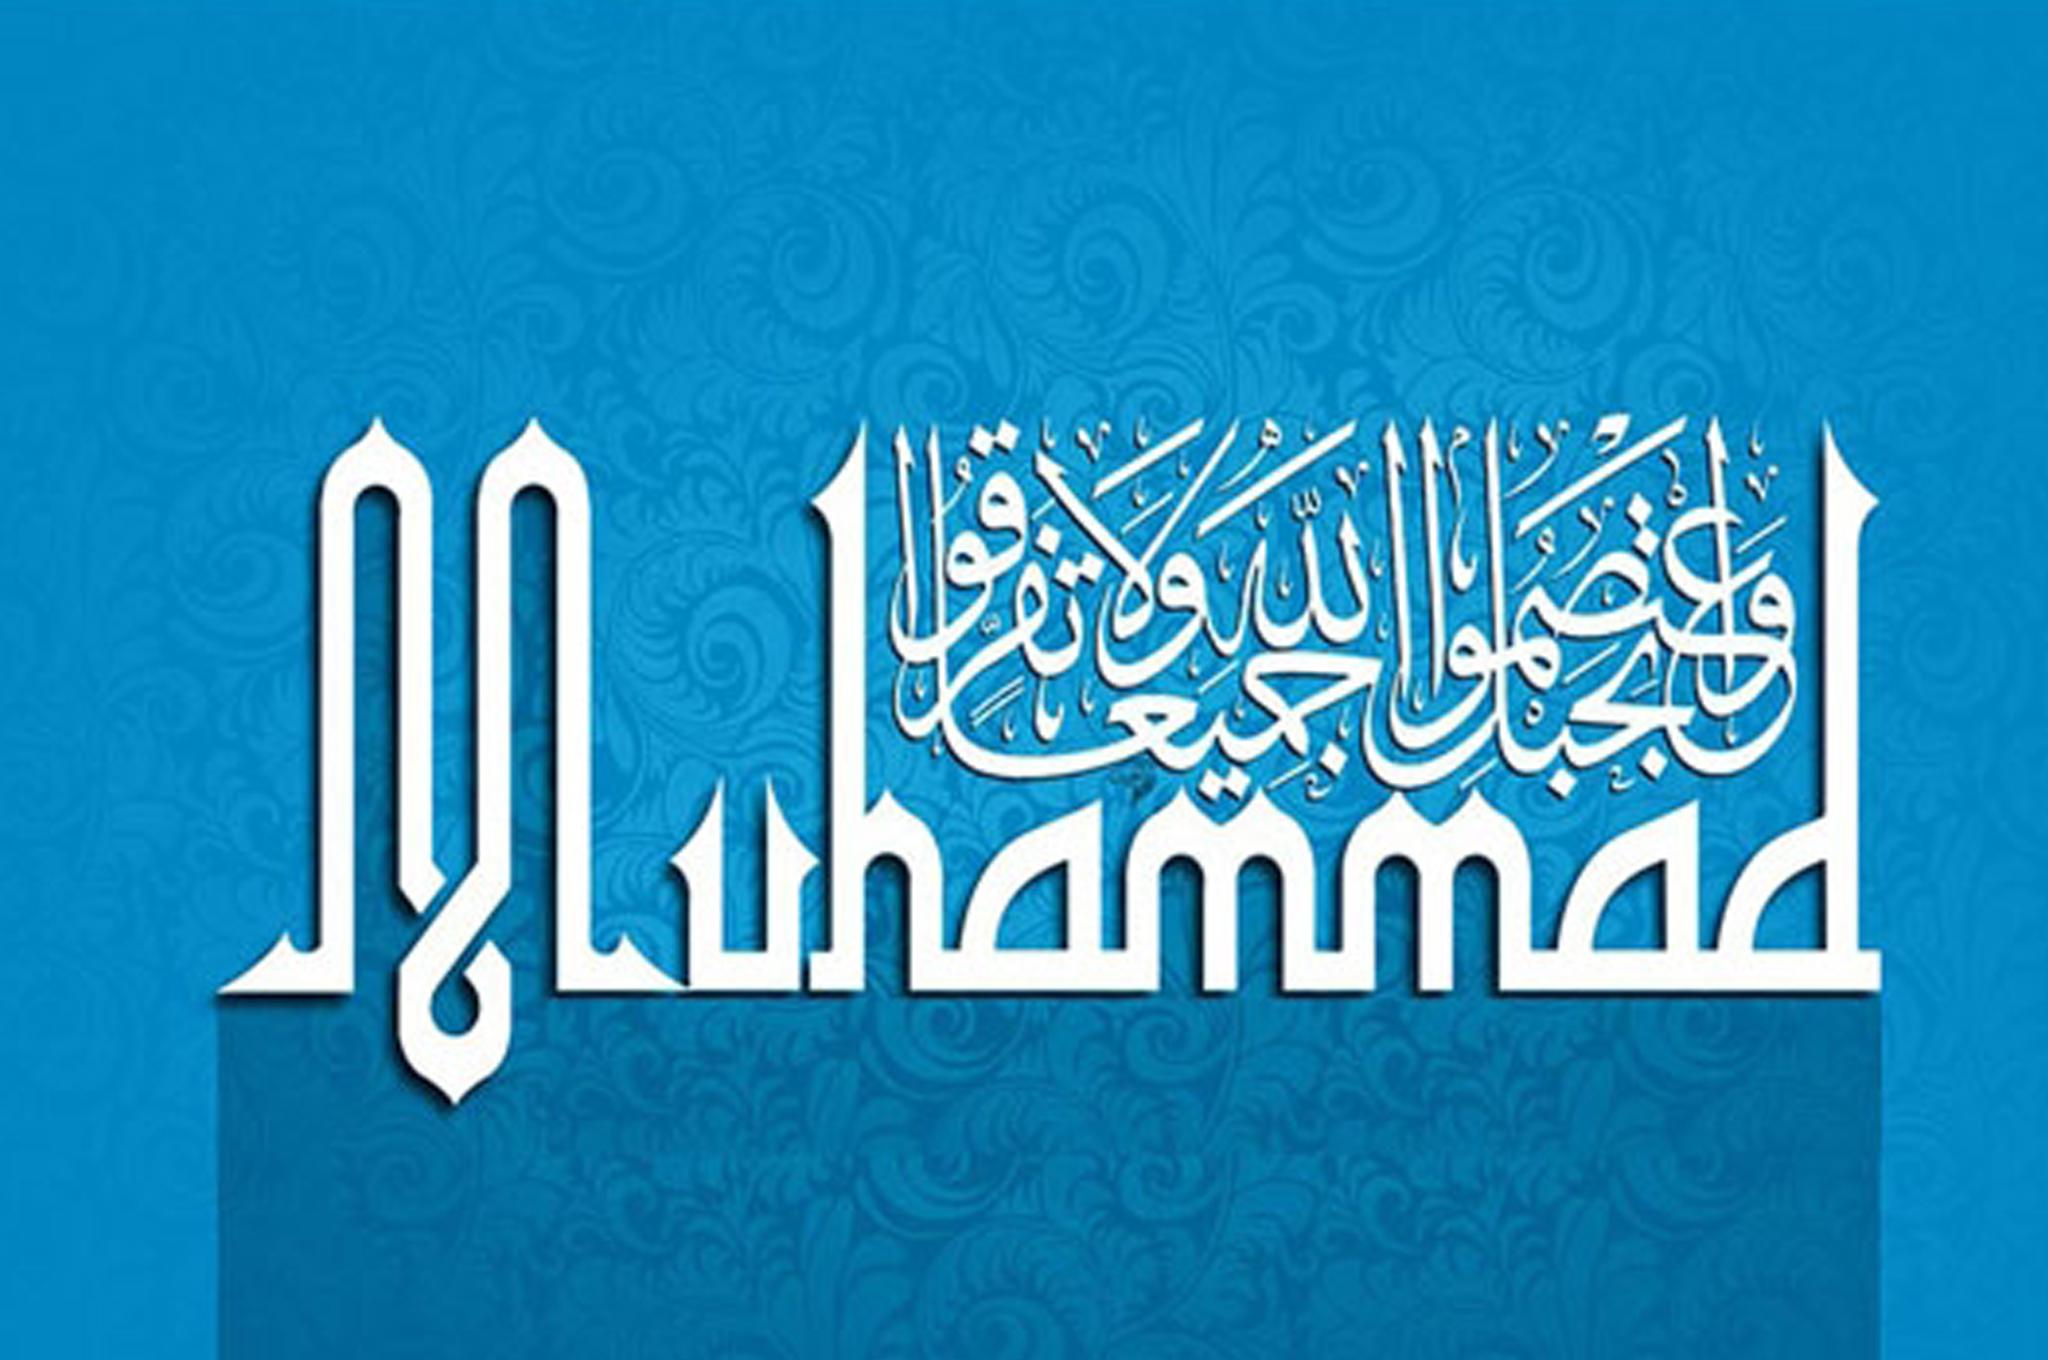 كلمات حول الوحدة الإسلامية